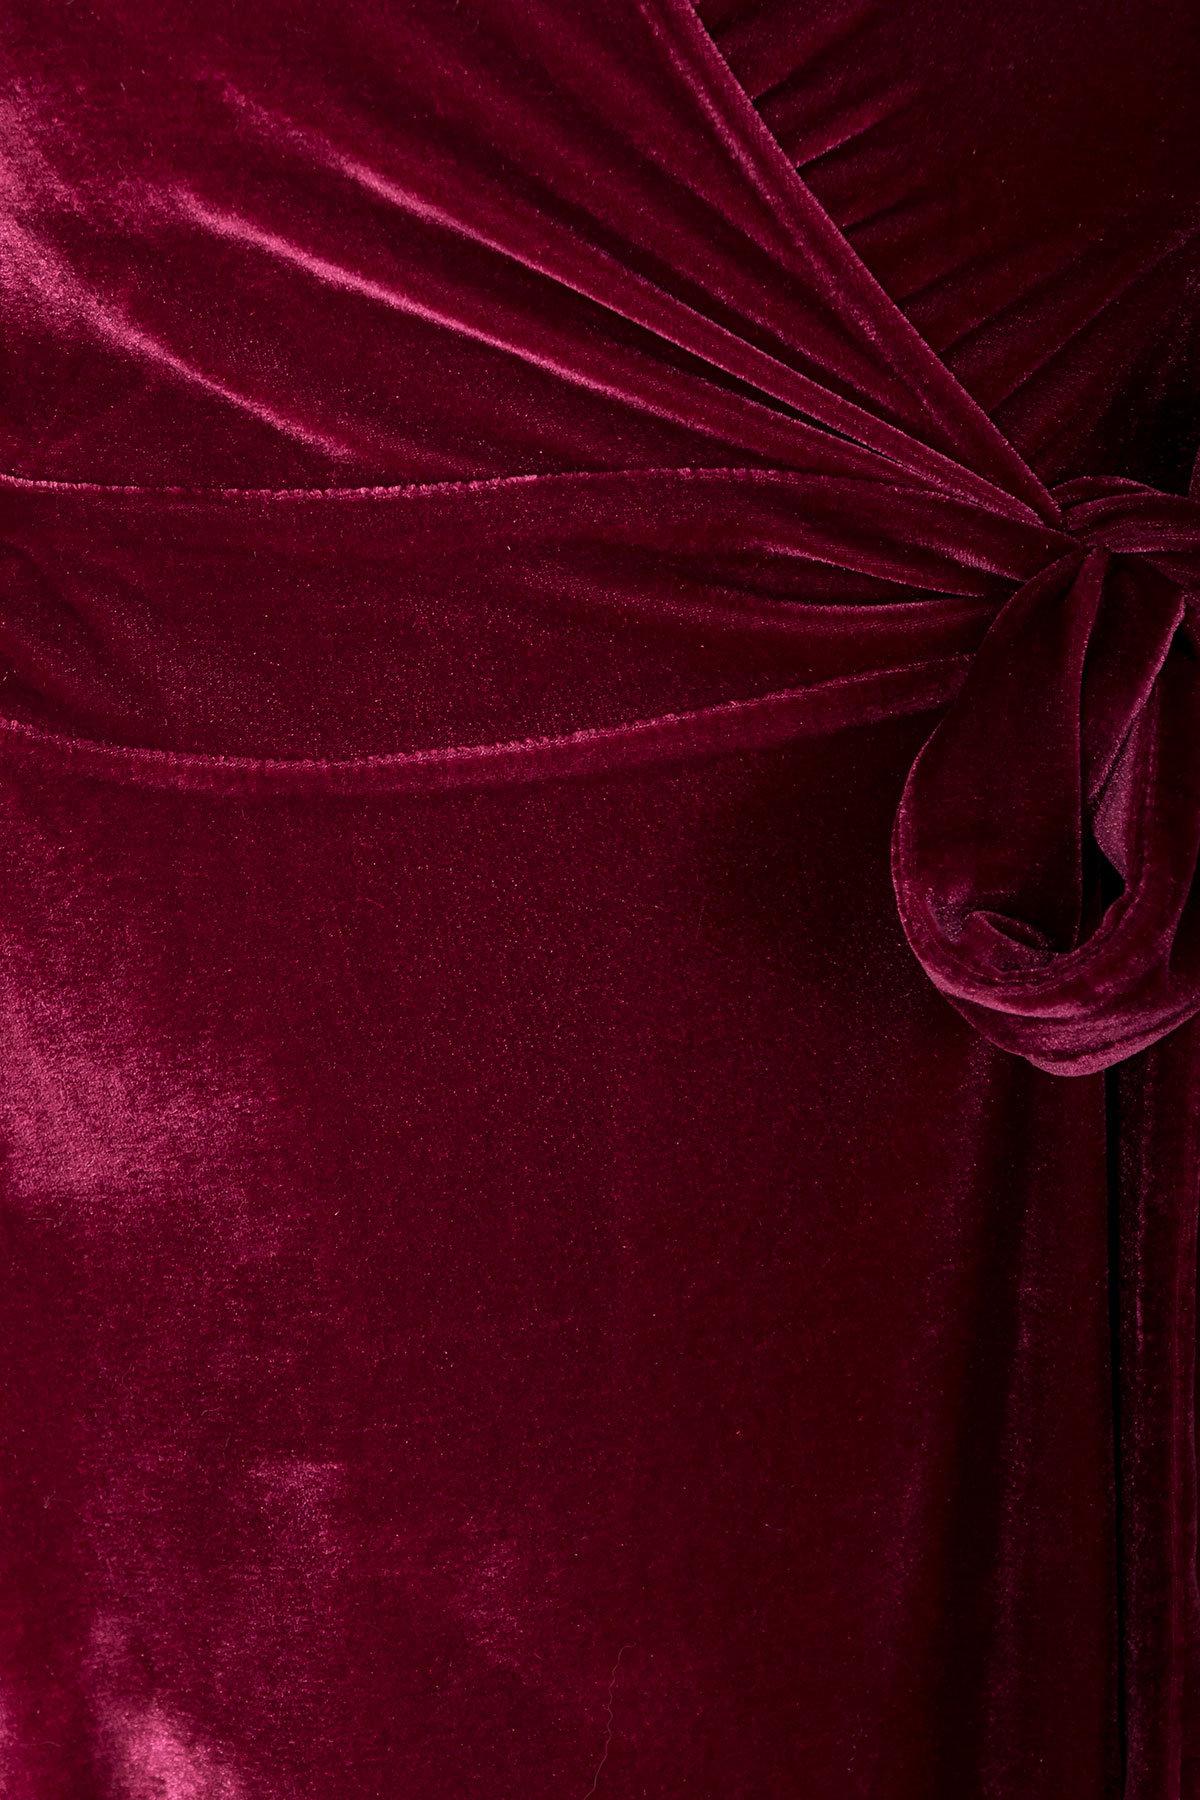 Платье Жозель миди велюр 6033 АРТ. 40680 Цвет: Марсала - фото 4, интернет магазин tm-modus.ru